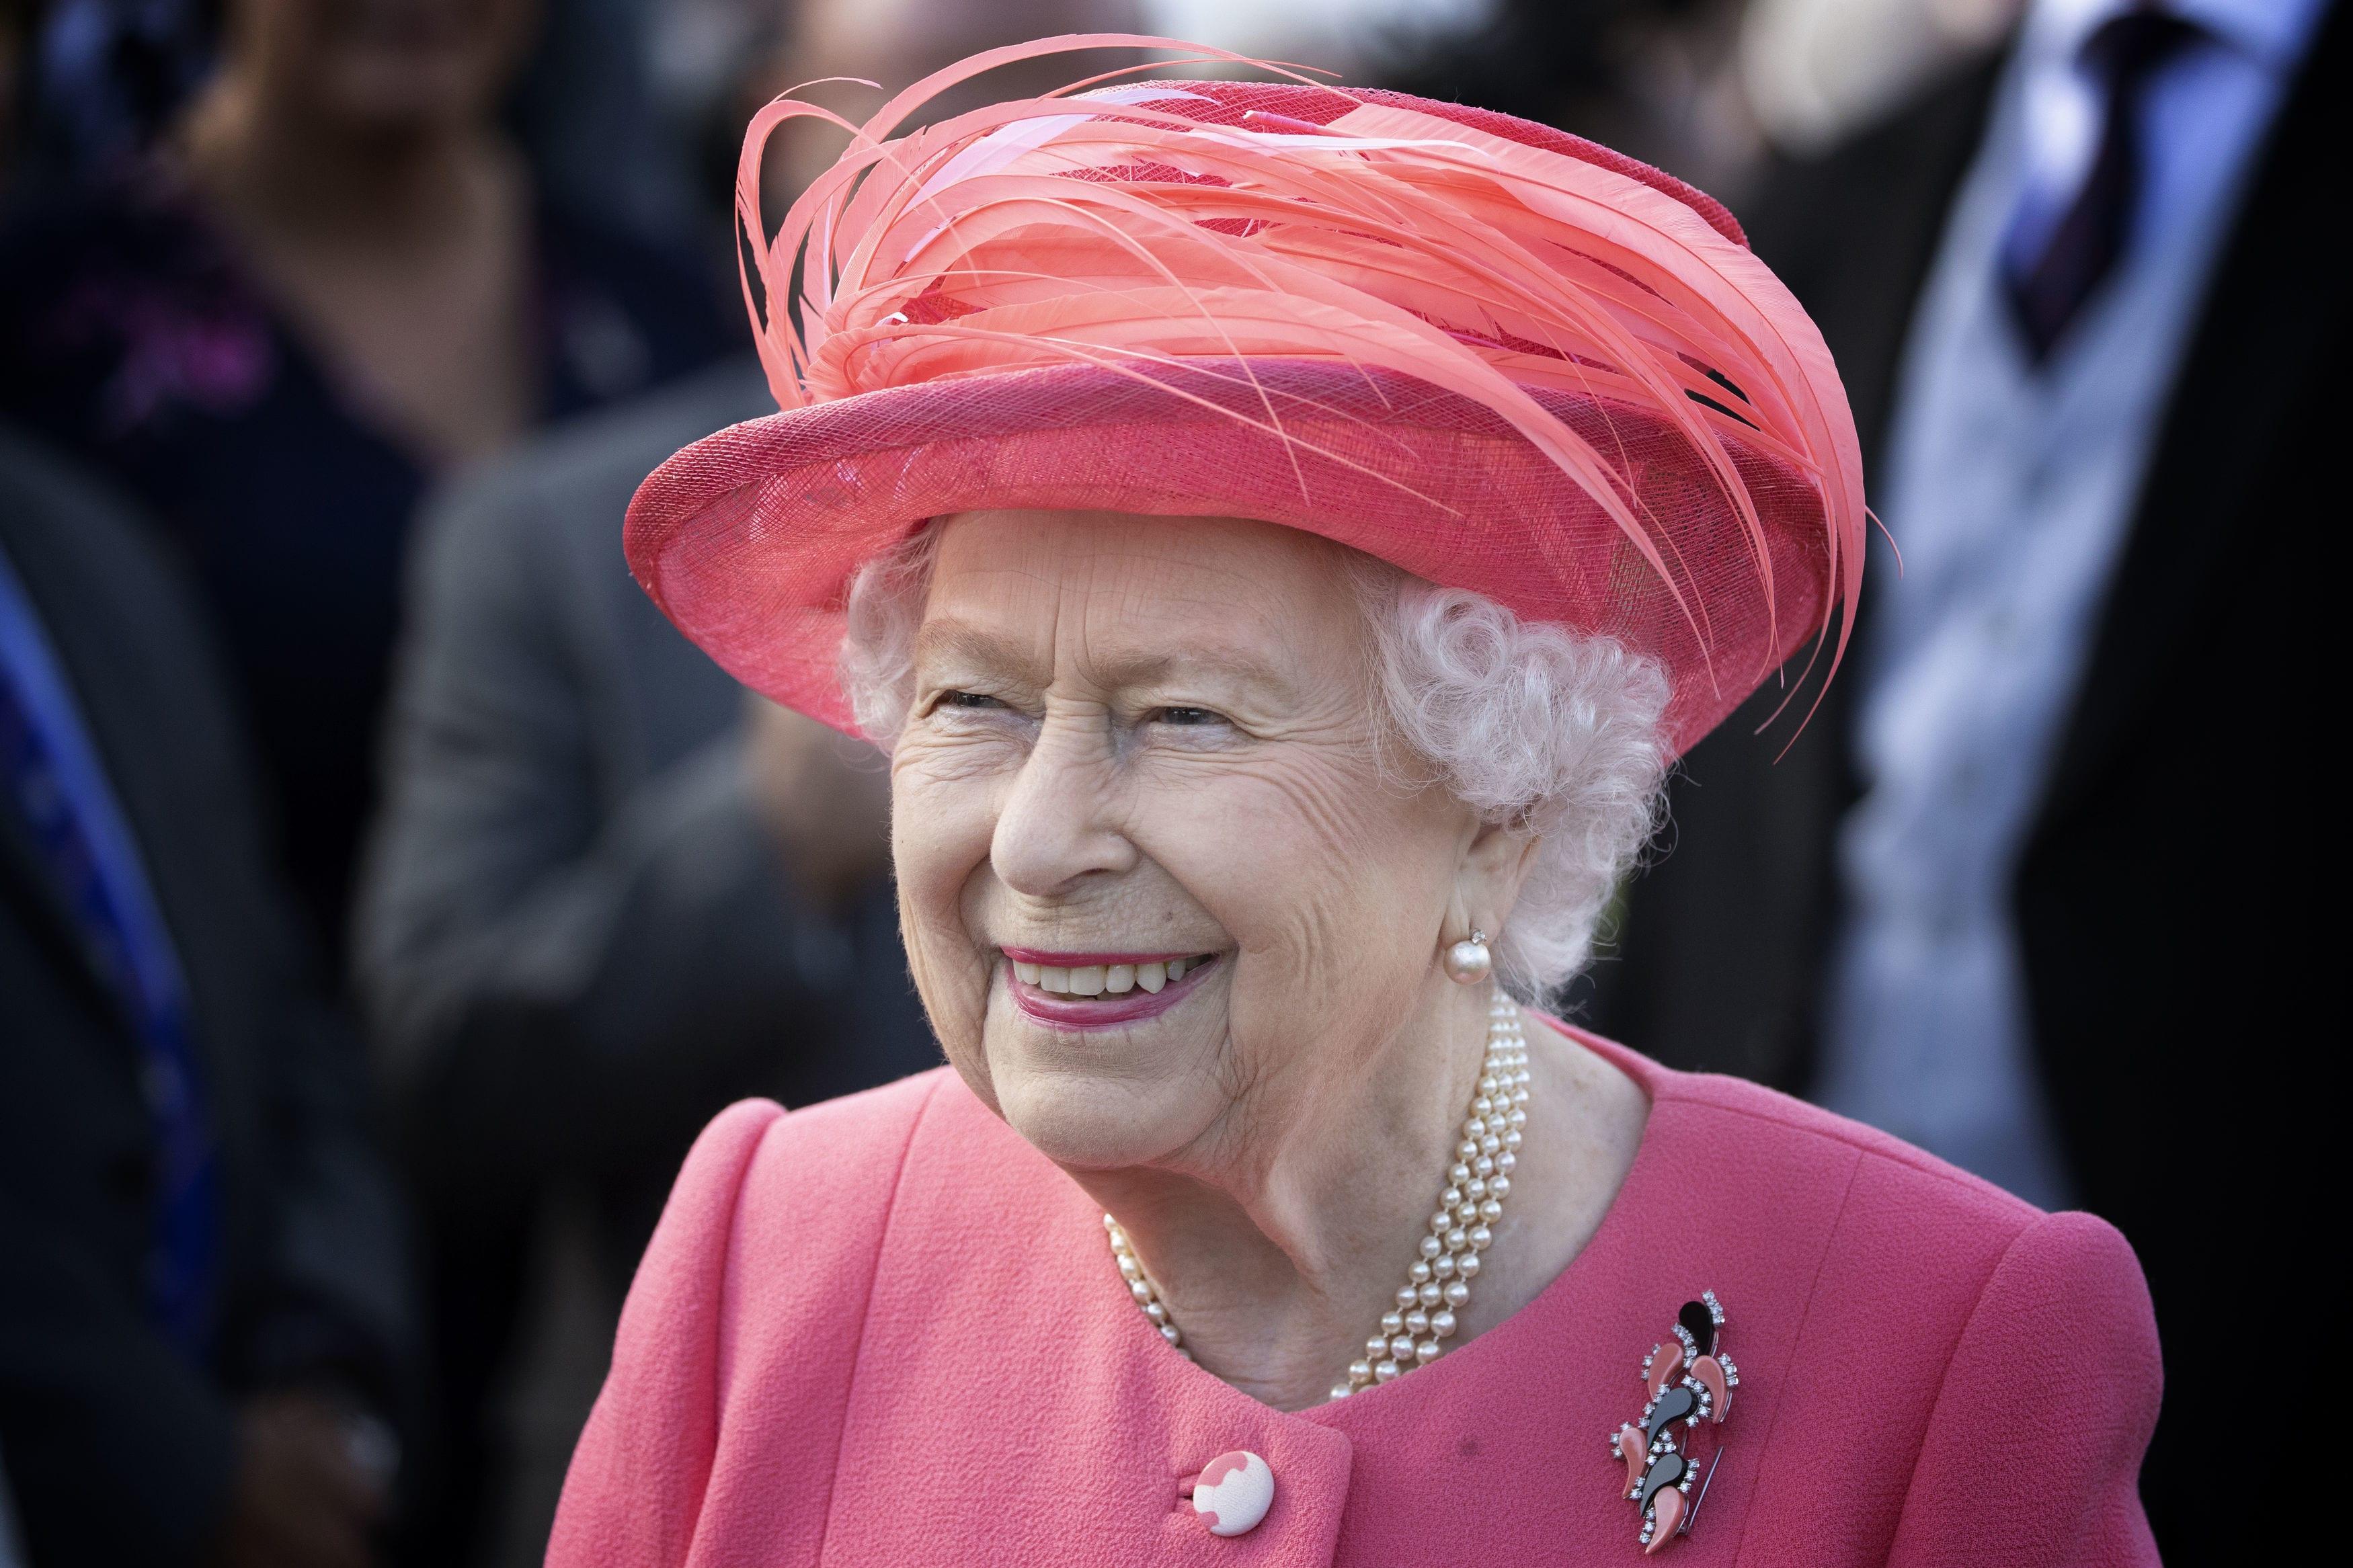 Queen Elizabeth Cancels All 2021 Royal Garden Parties Amid